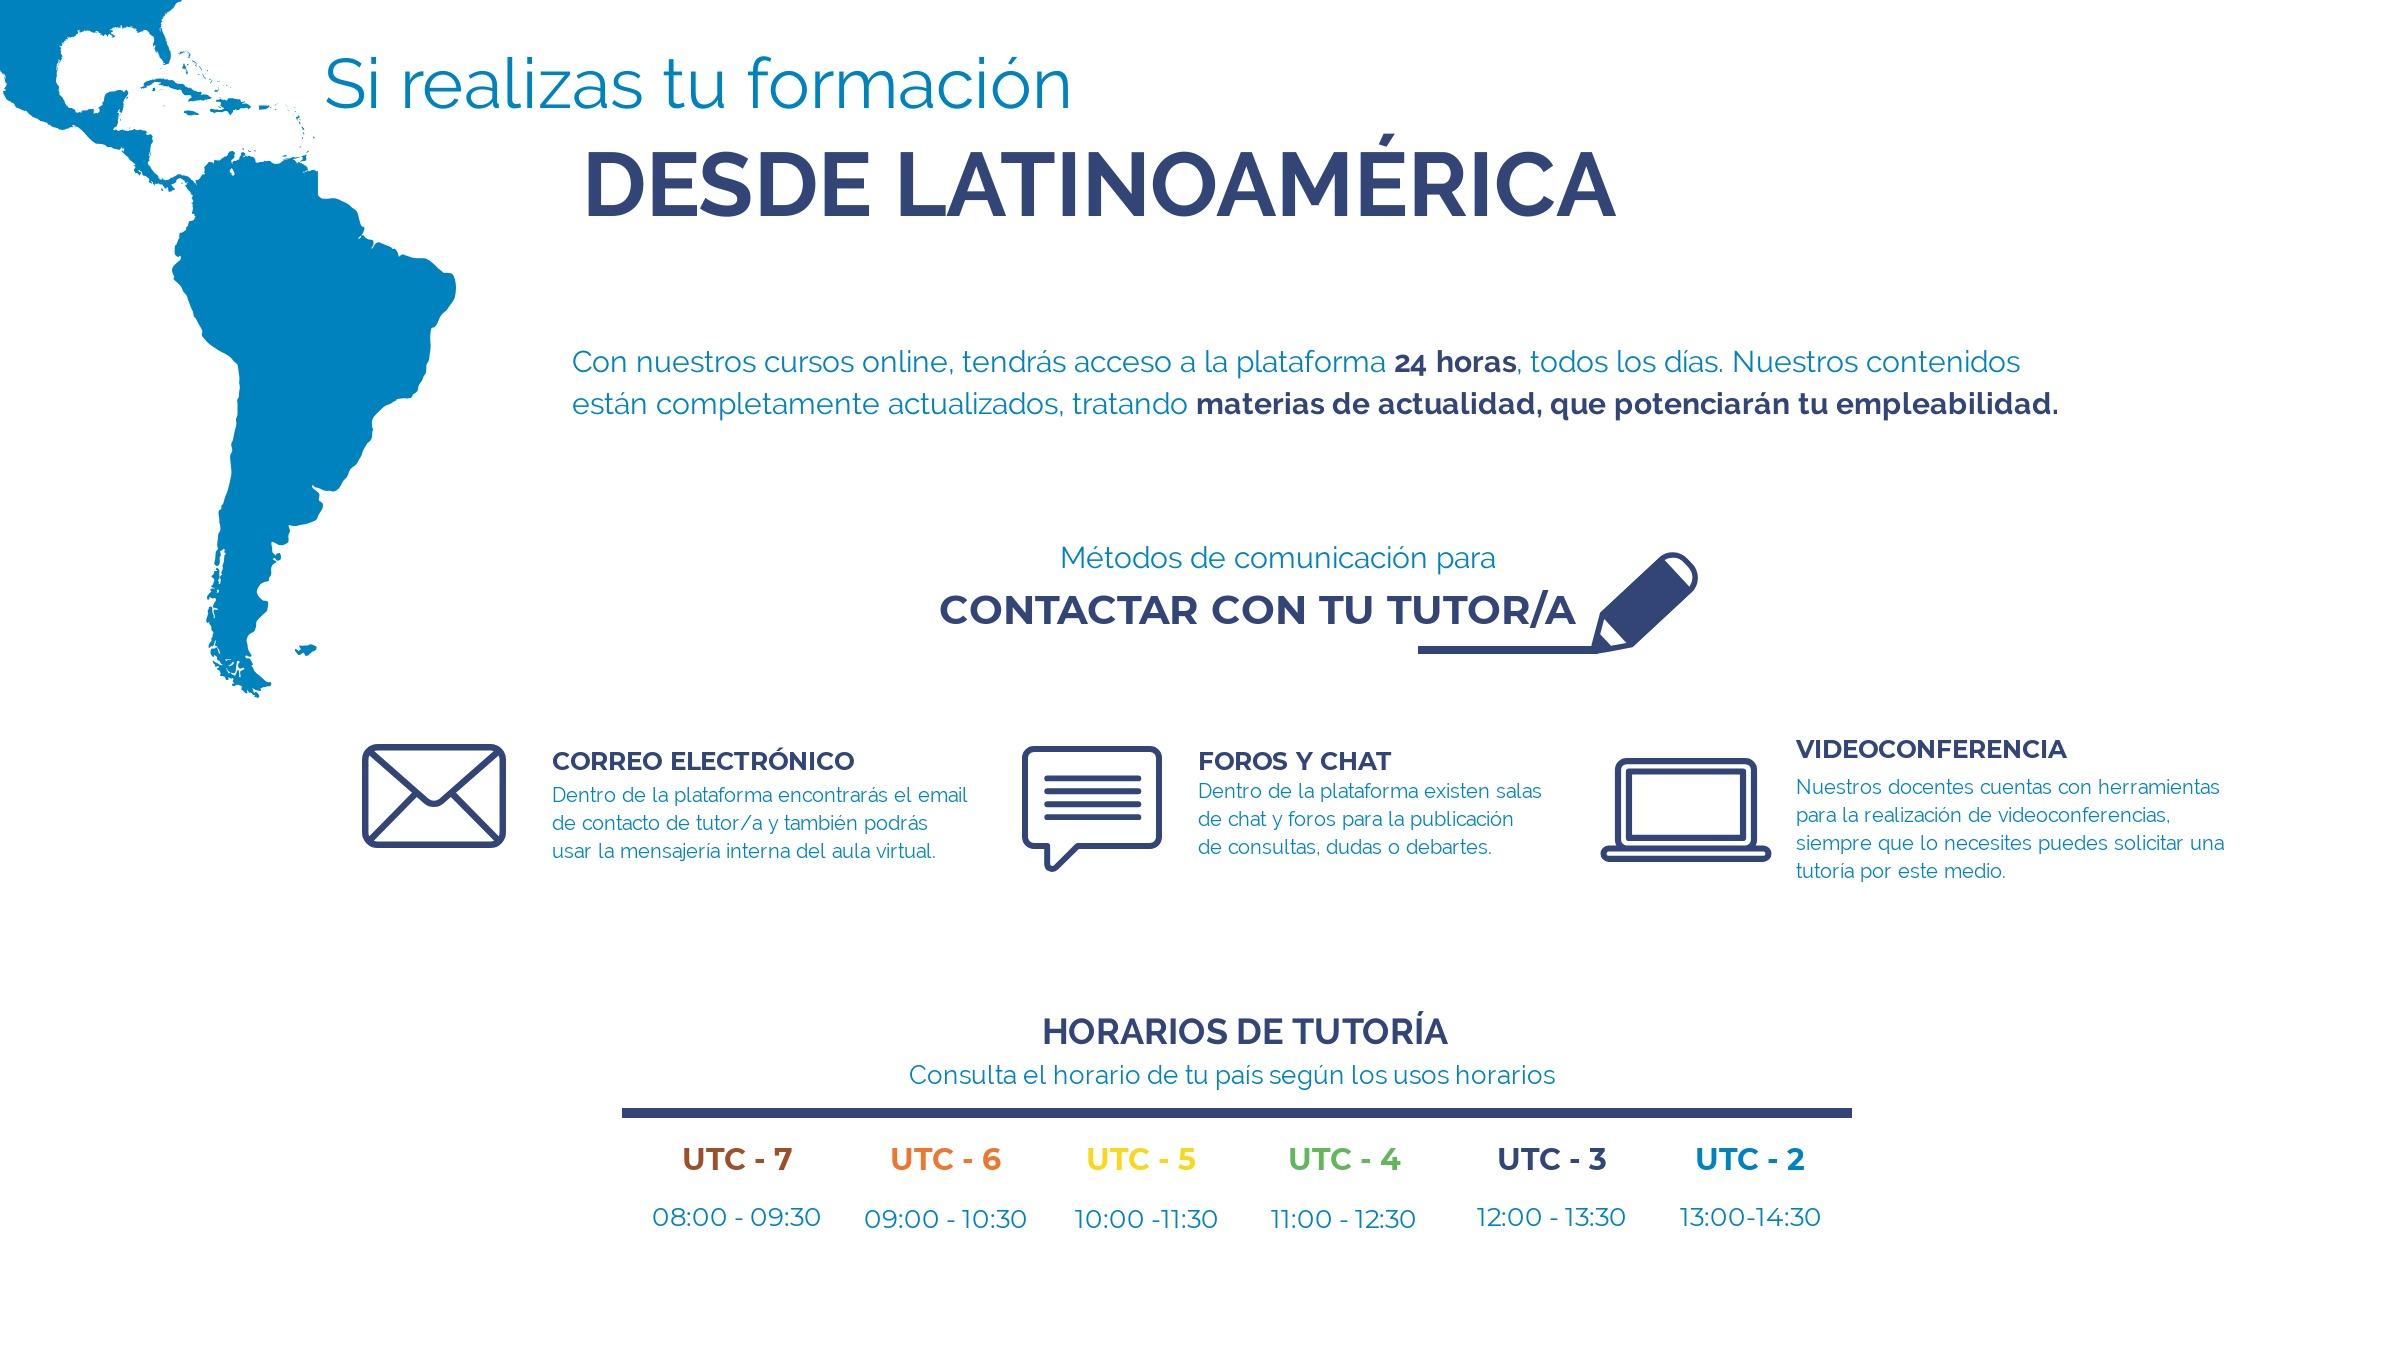 Si eres de Latinoamérica